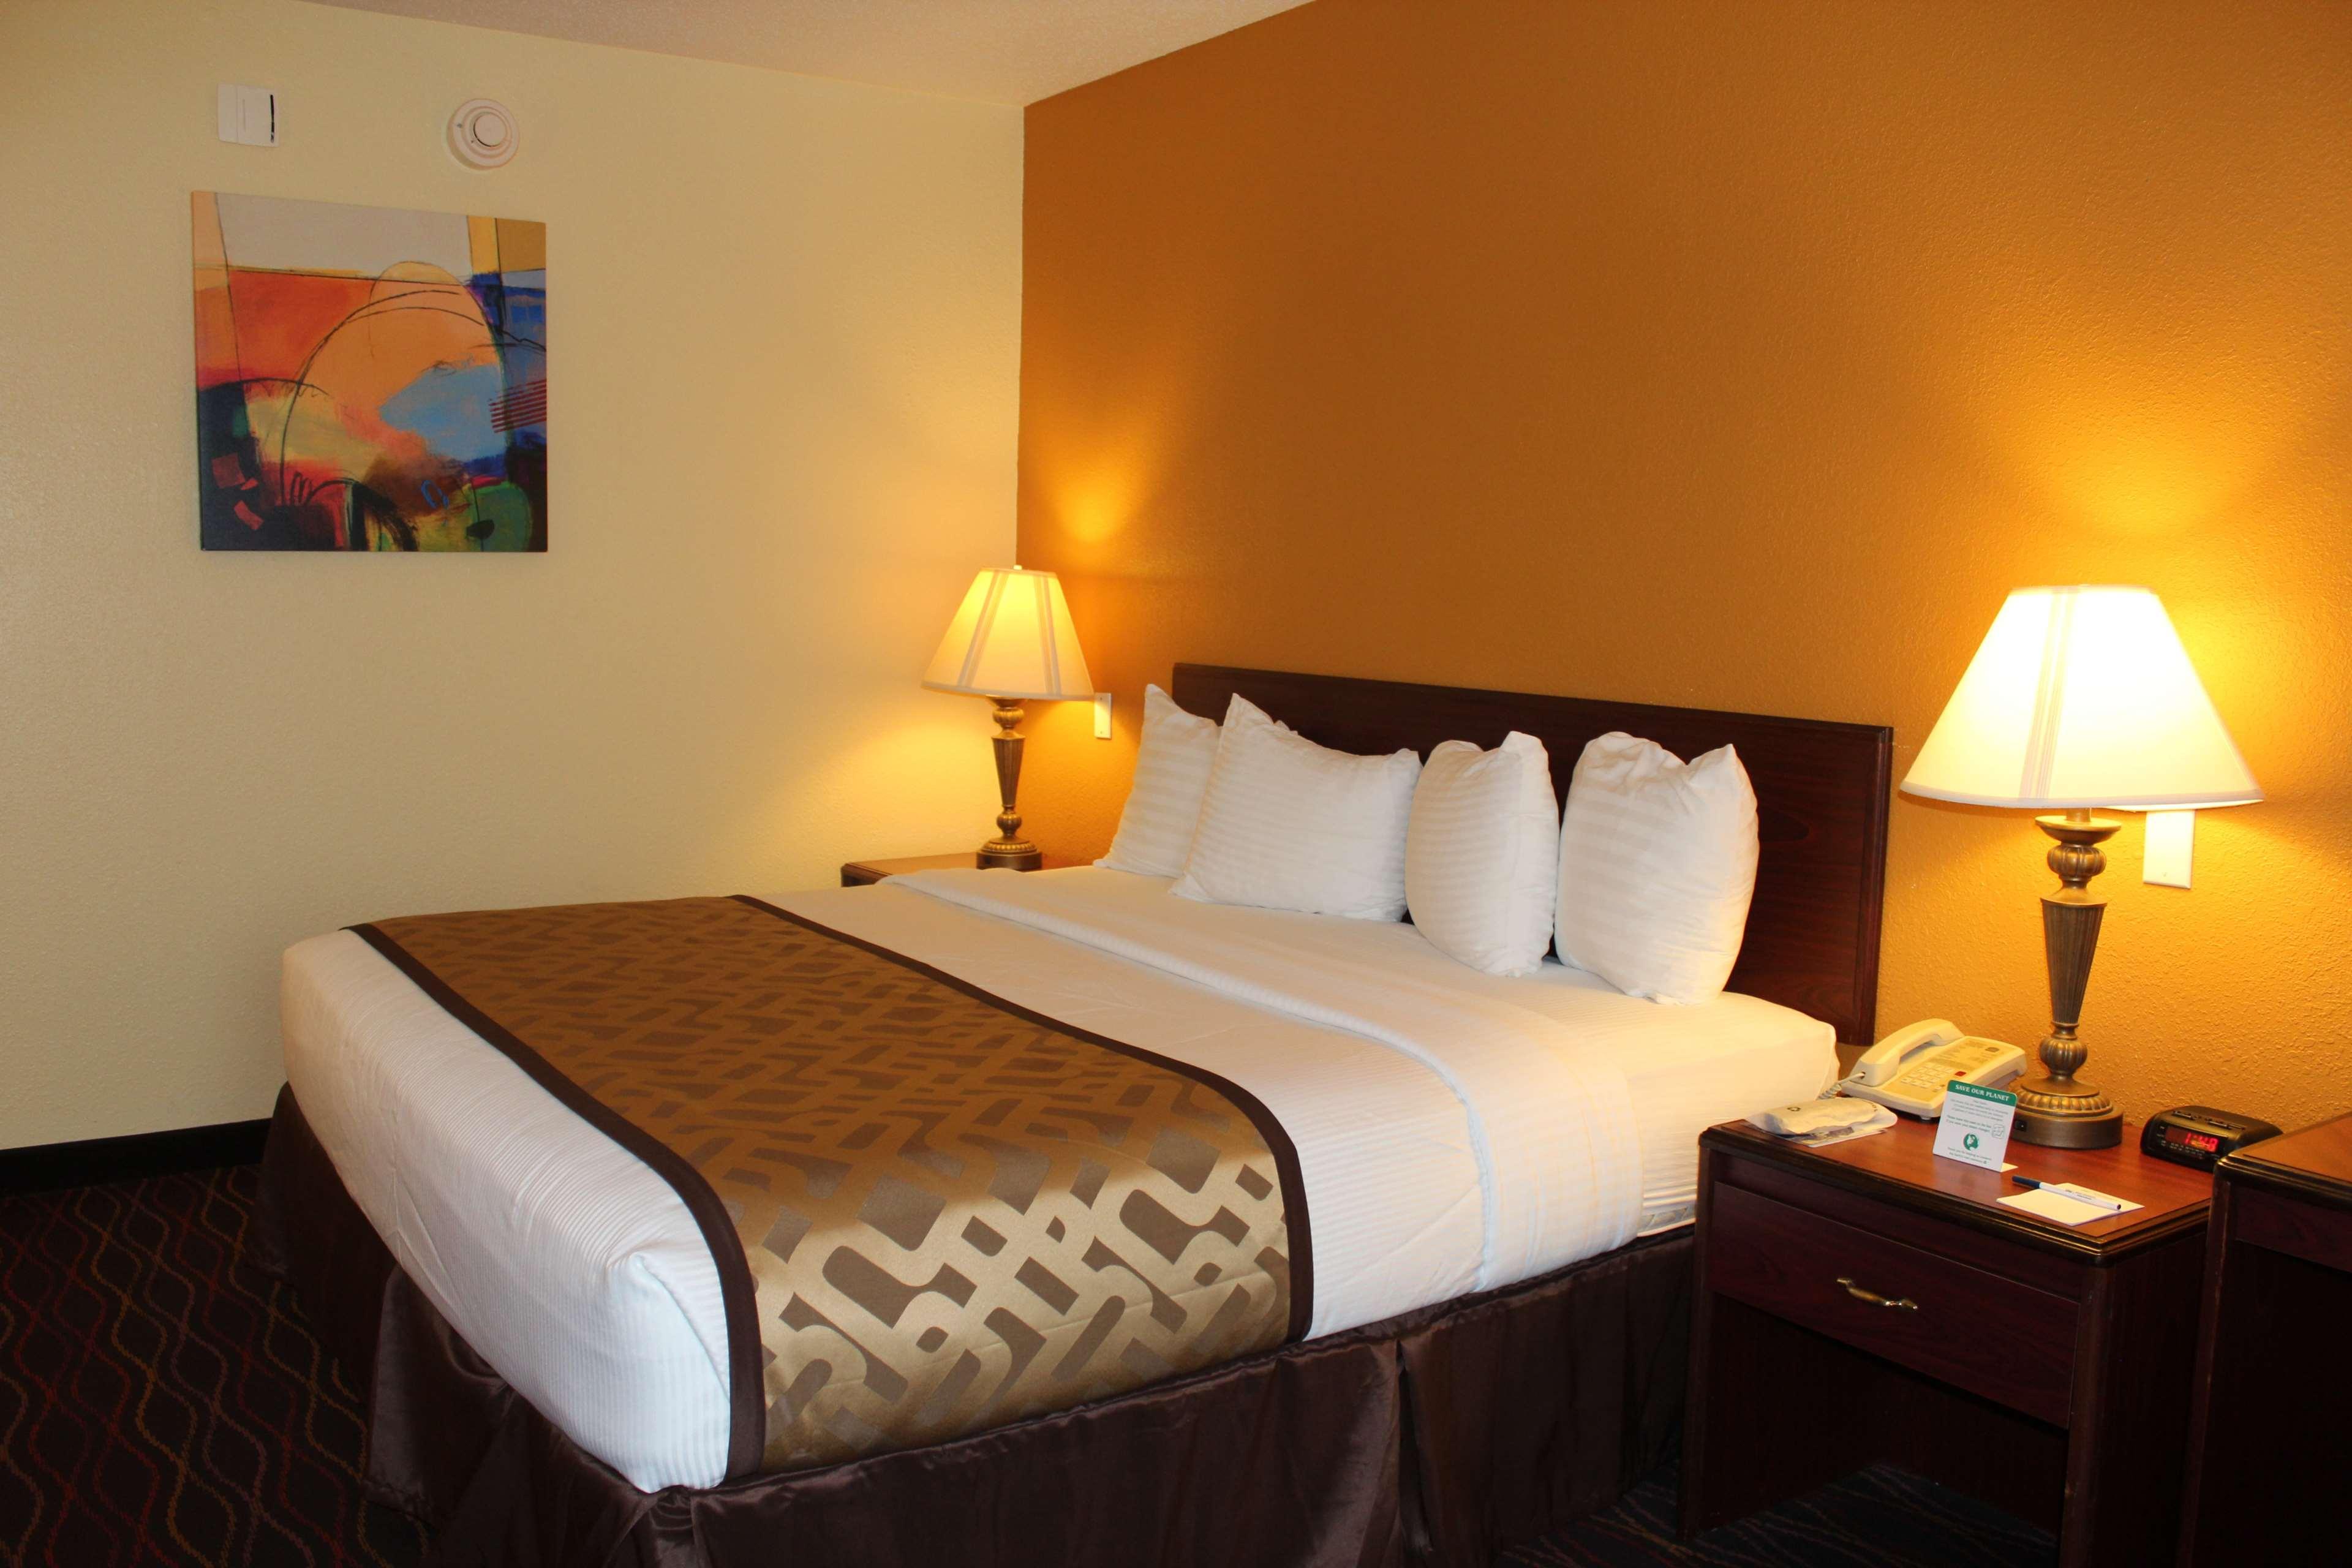 Hotels In Zanesville Ohio Area